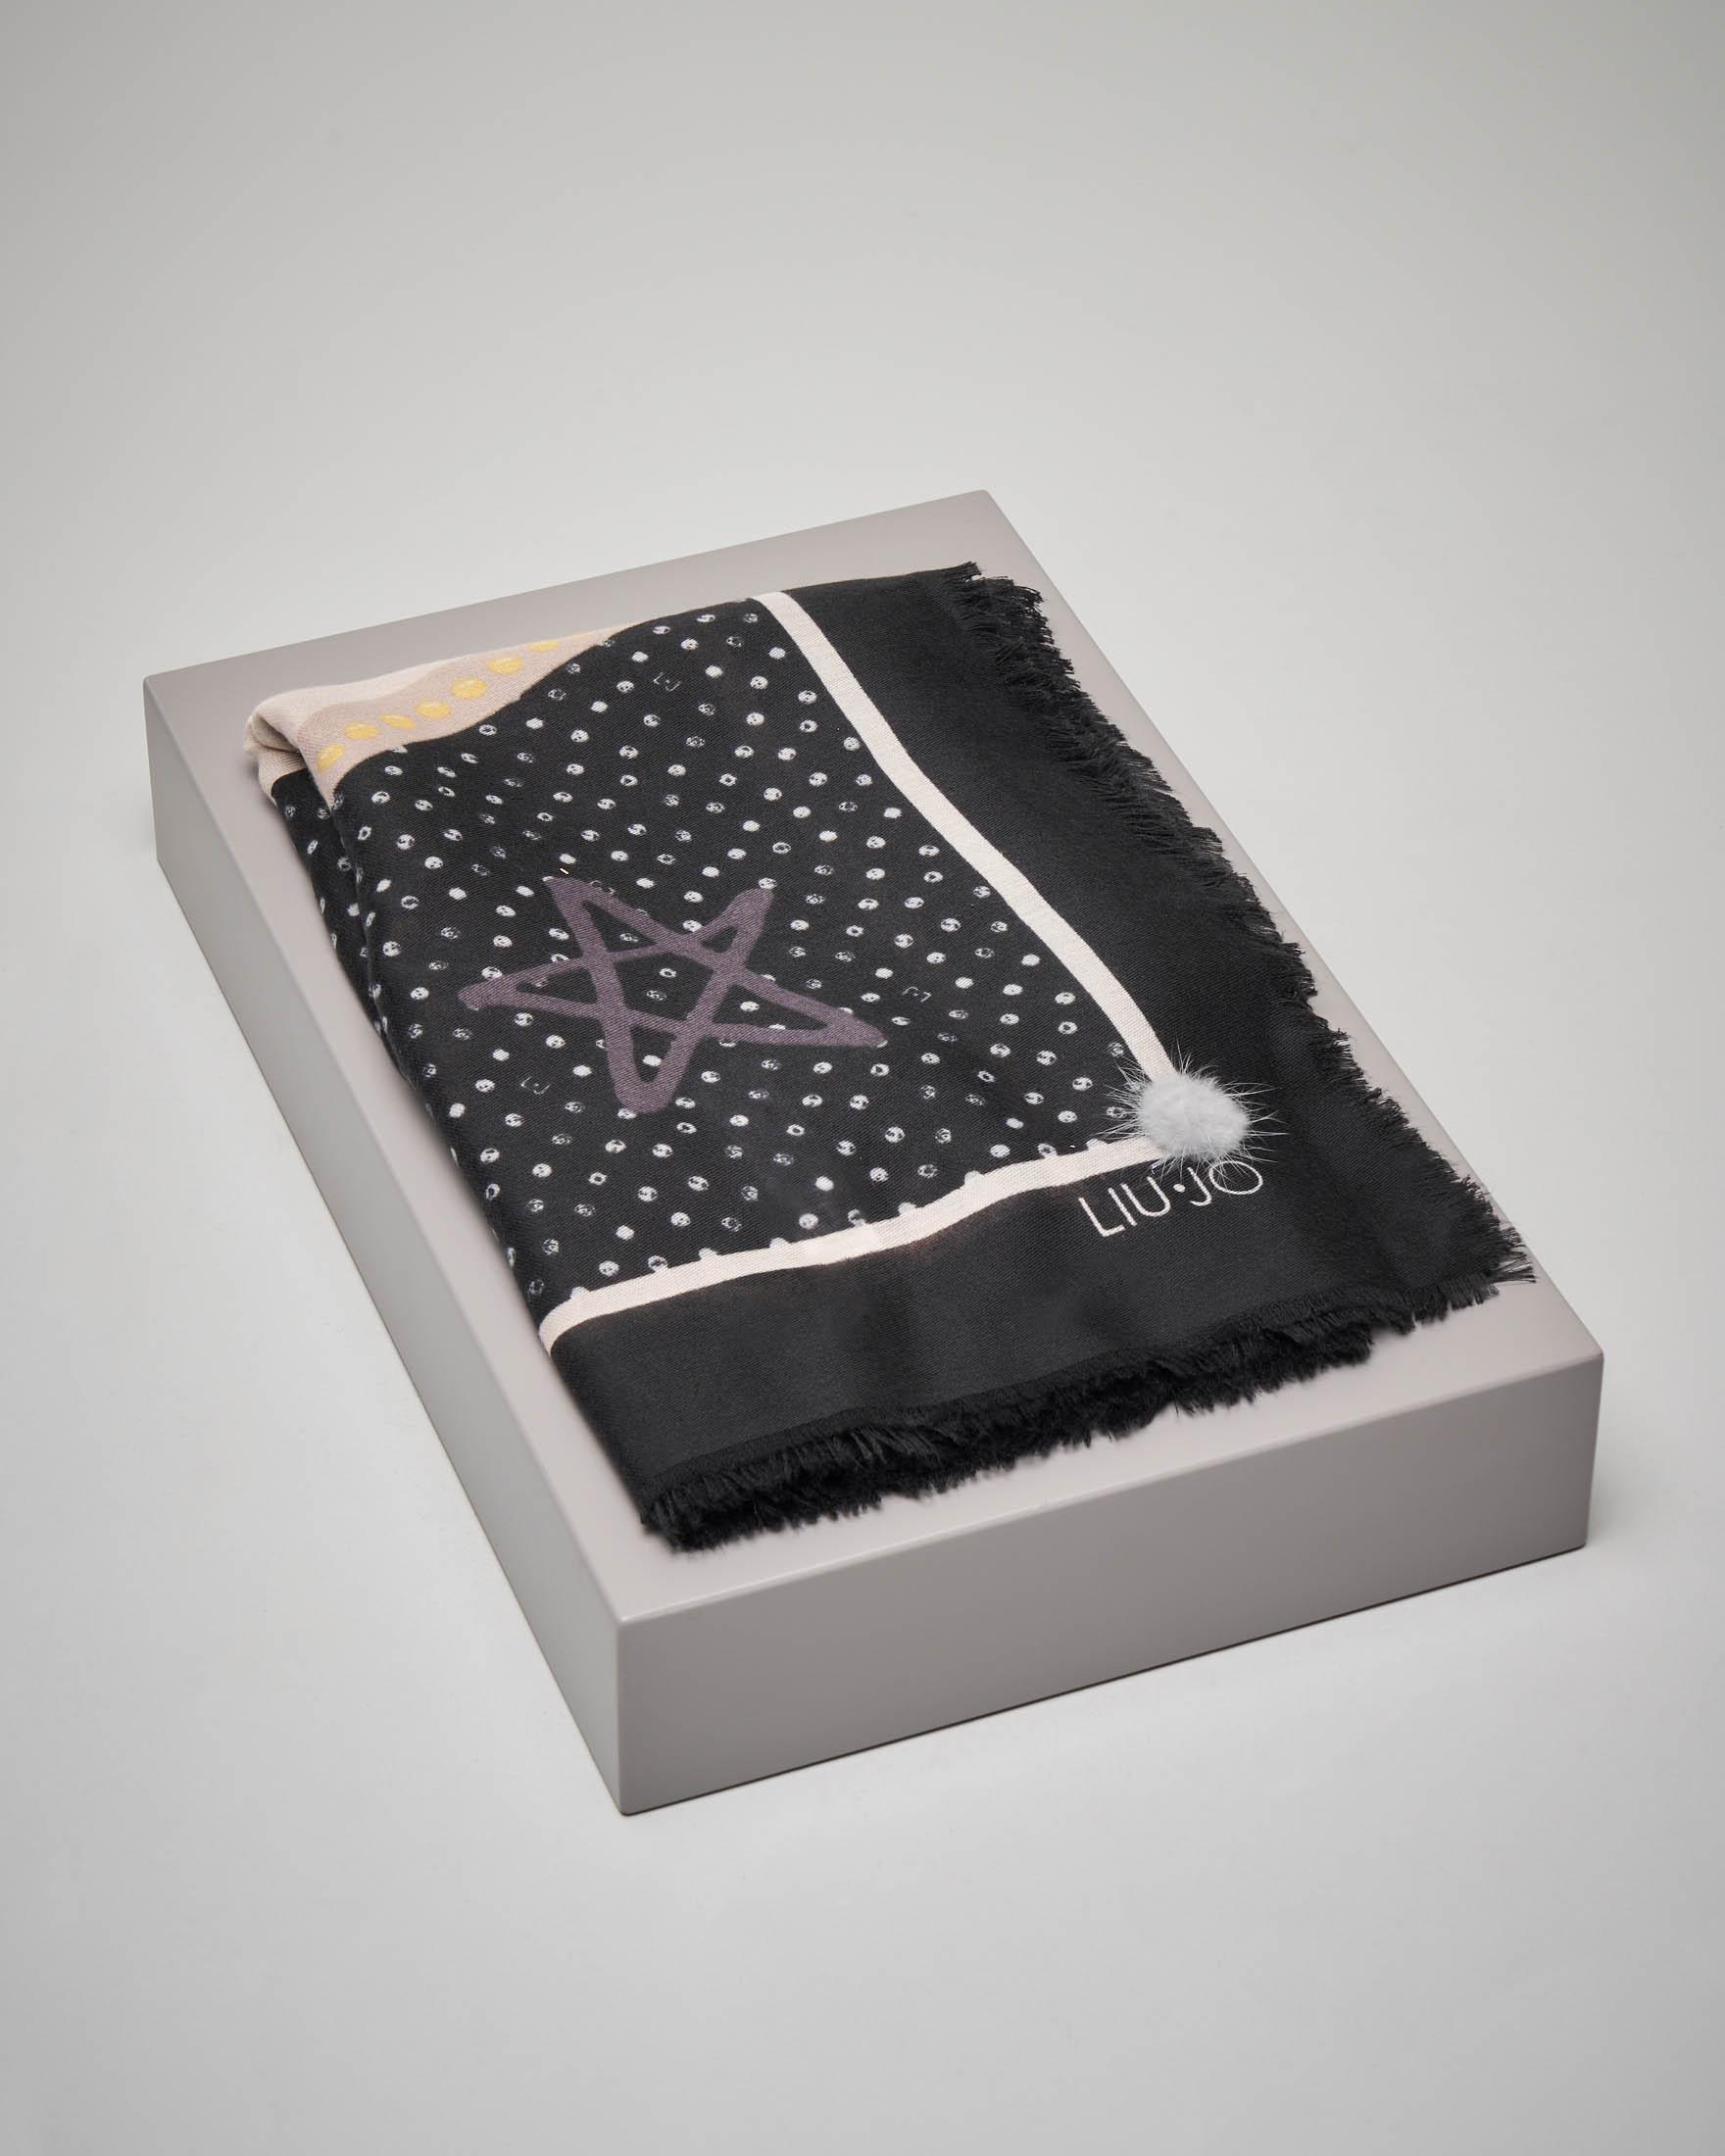 Maxi foulard fantasia logo con riquadro nero e pon pon in pelliccia